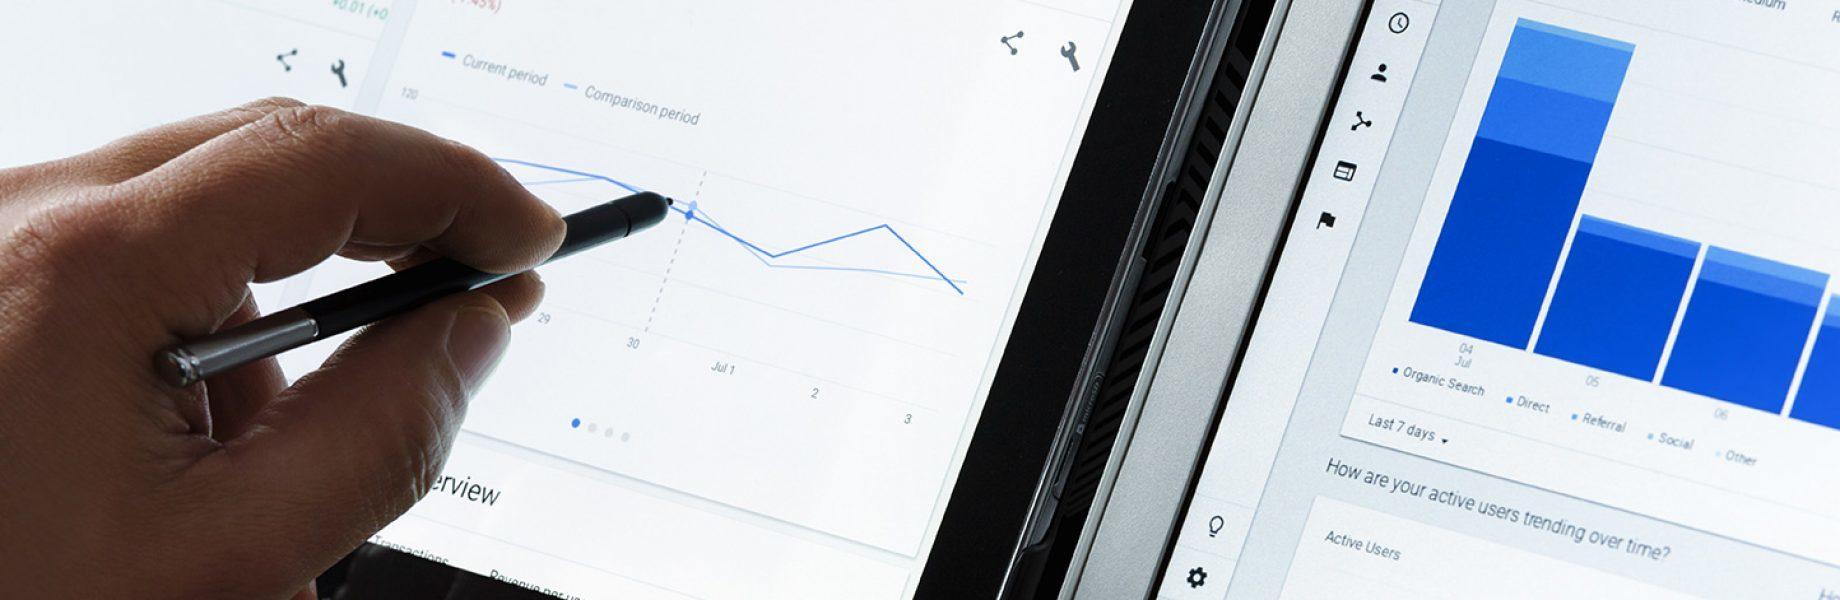 Seguire le conversioni indirette provenienti da appvizer su Google Analytics